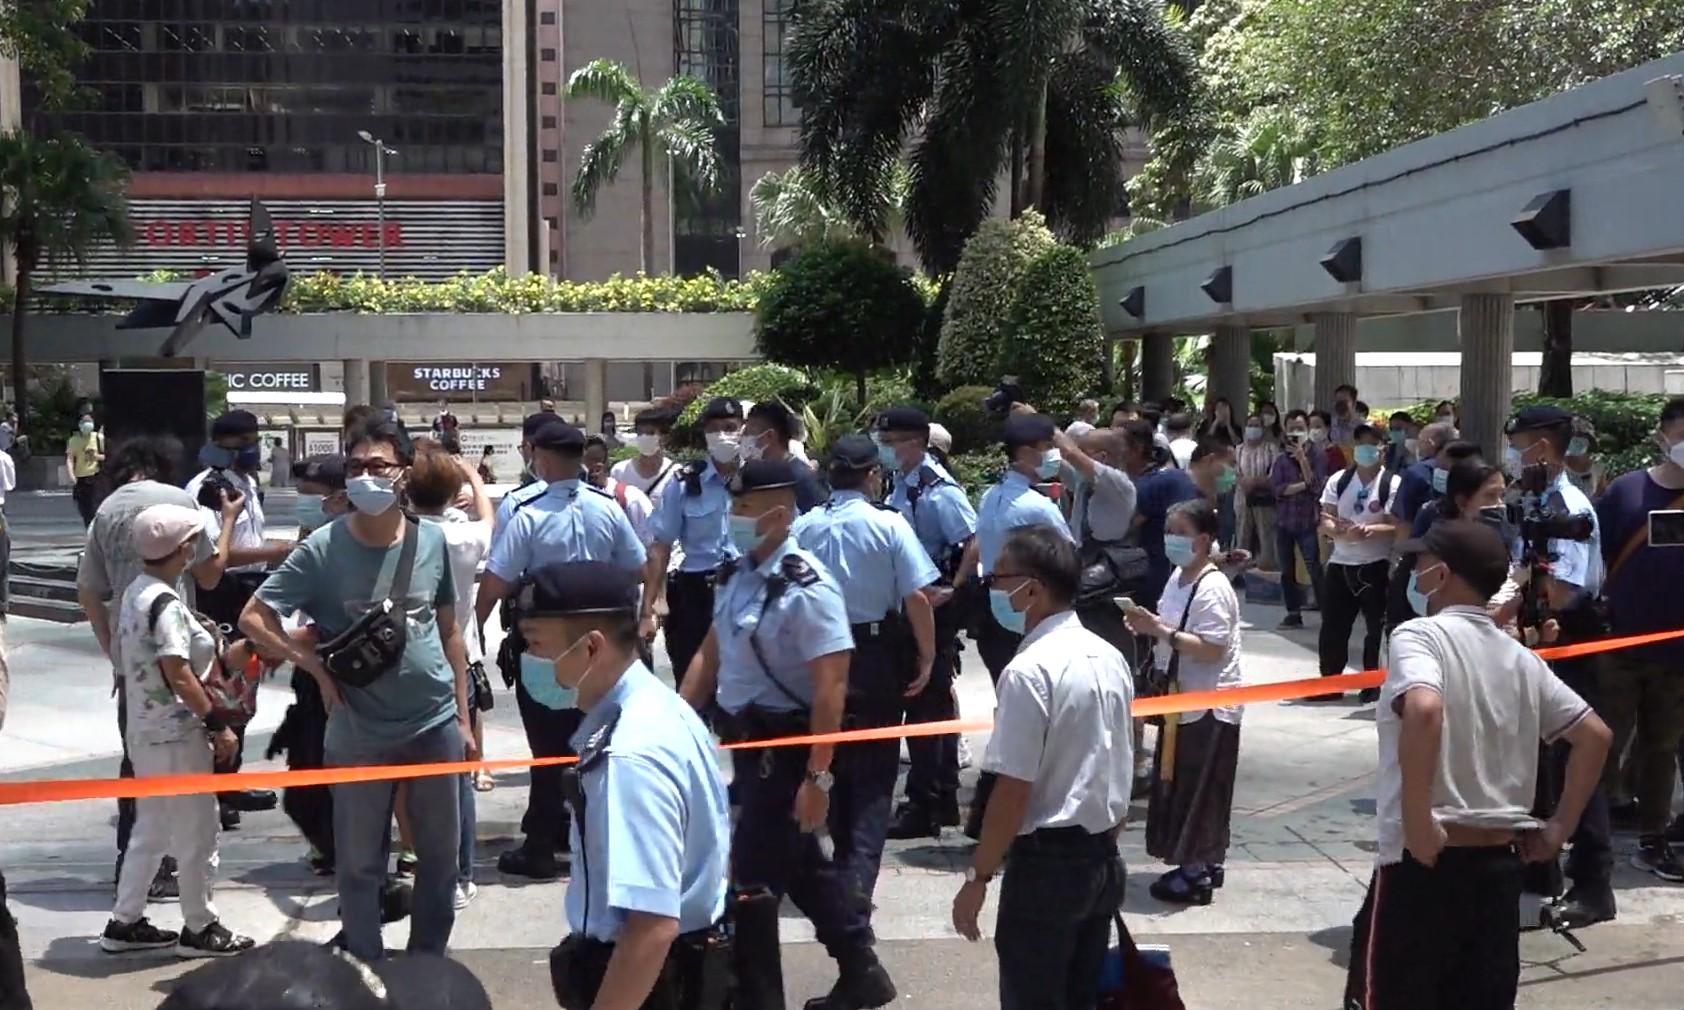 大批警员在场维持秩序,警告市民违反限聚令。(张展豪摄)